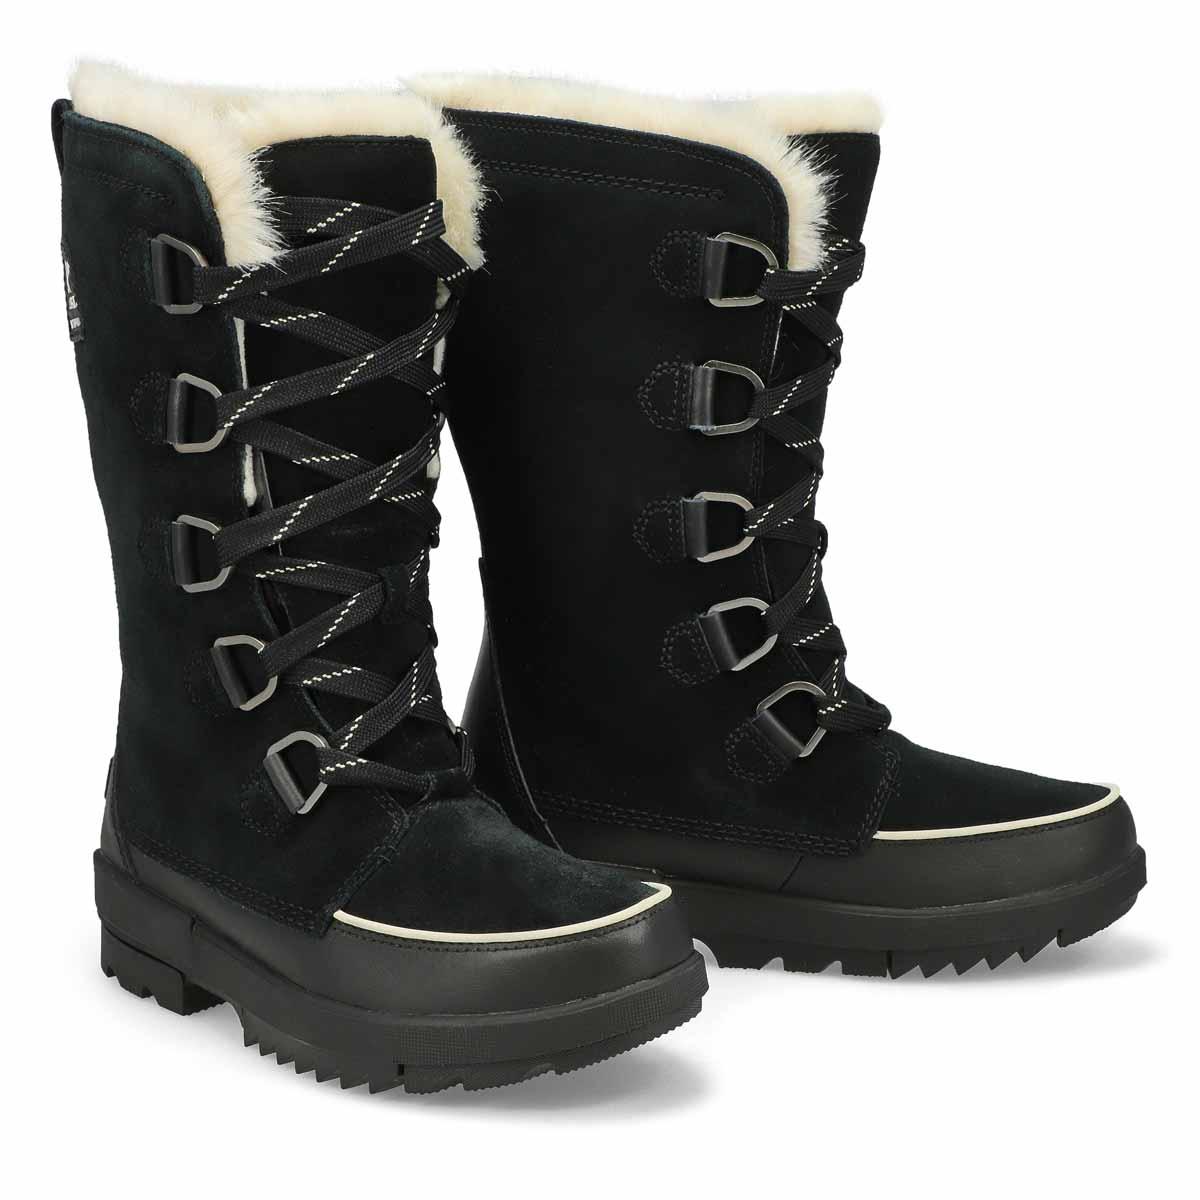 Lds Tivoli IV Tall black wtpf boot